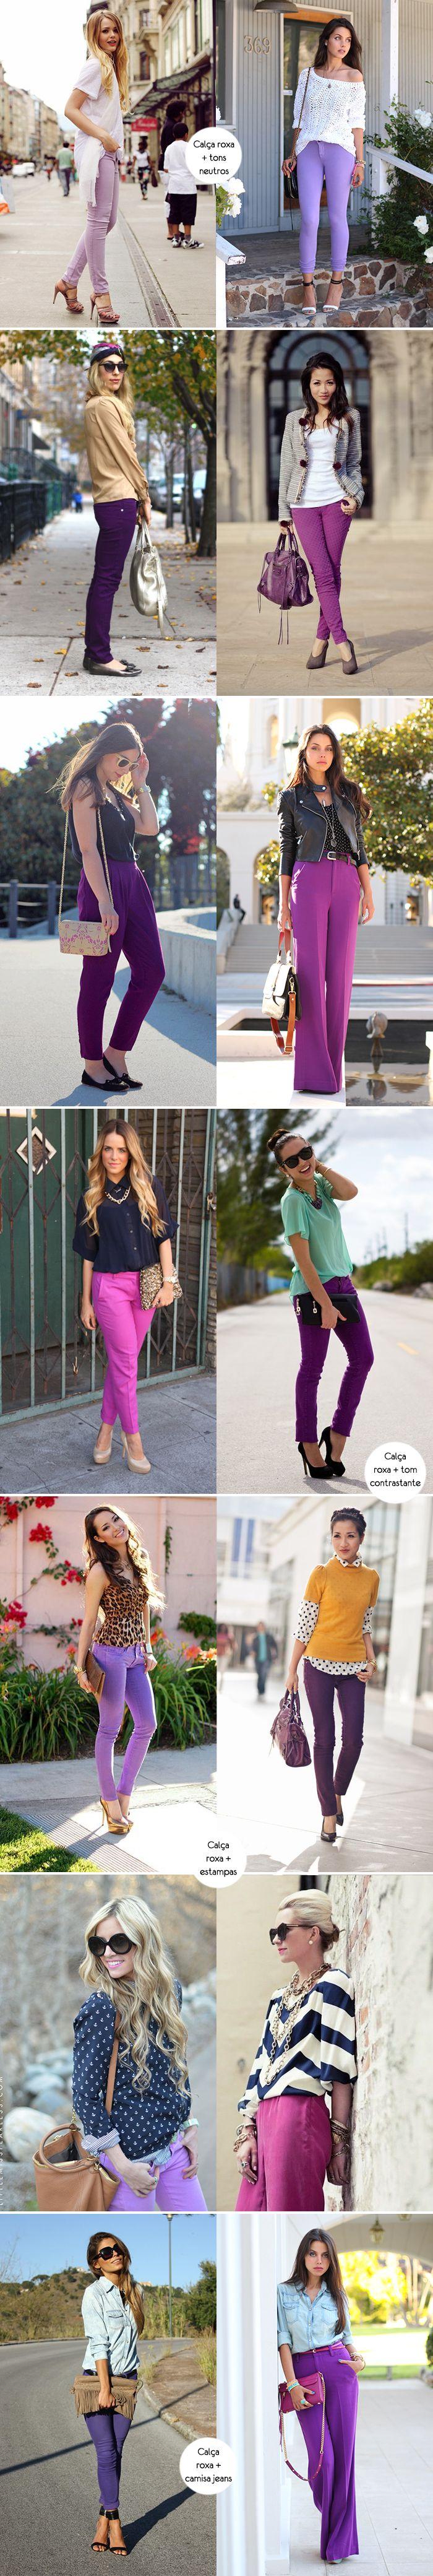 Inspiração como usar look calça roxa